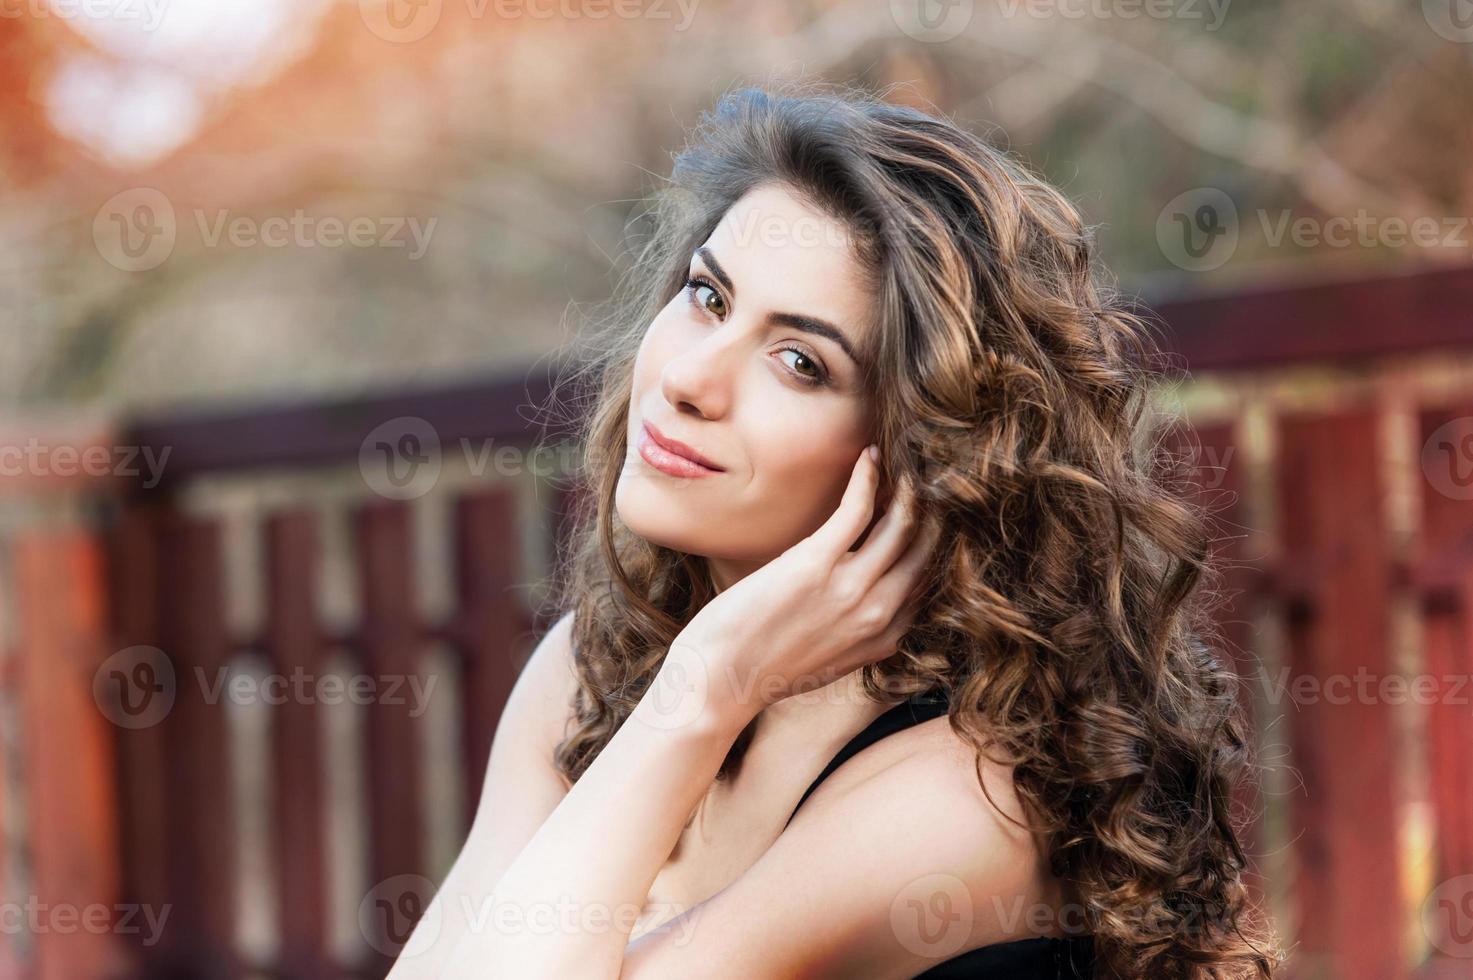 portret van mooie jonge vrouw buiten foto